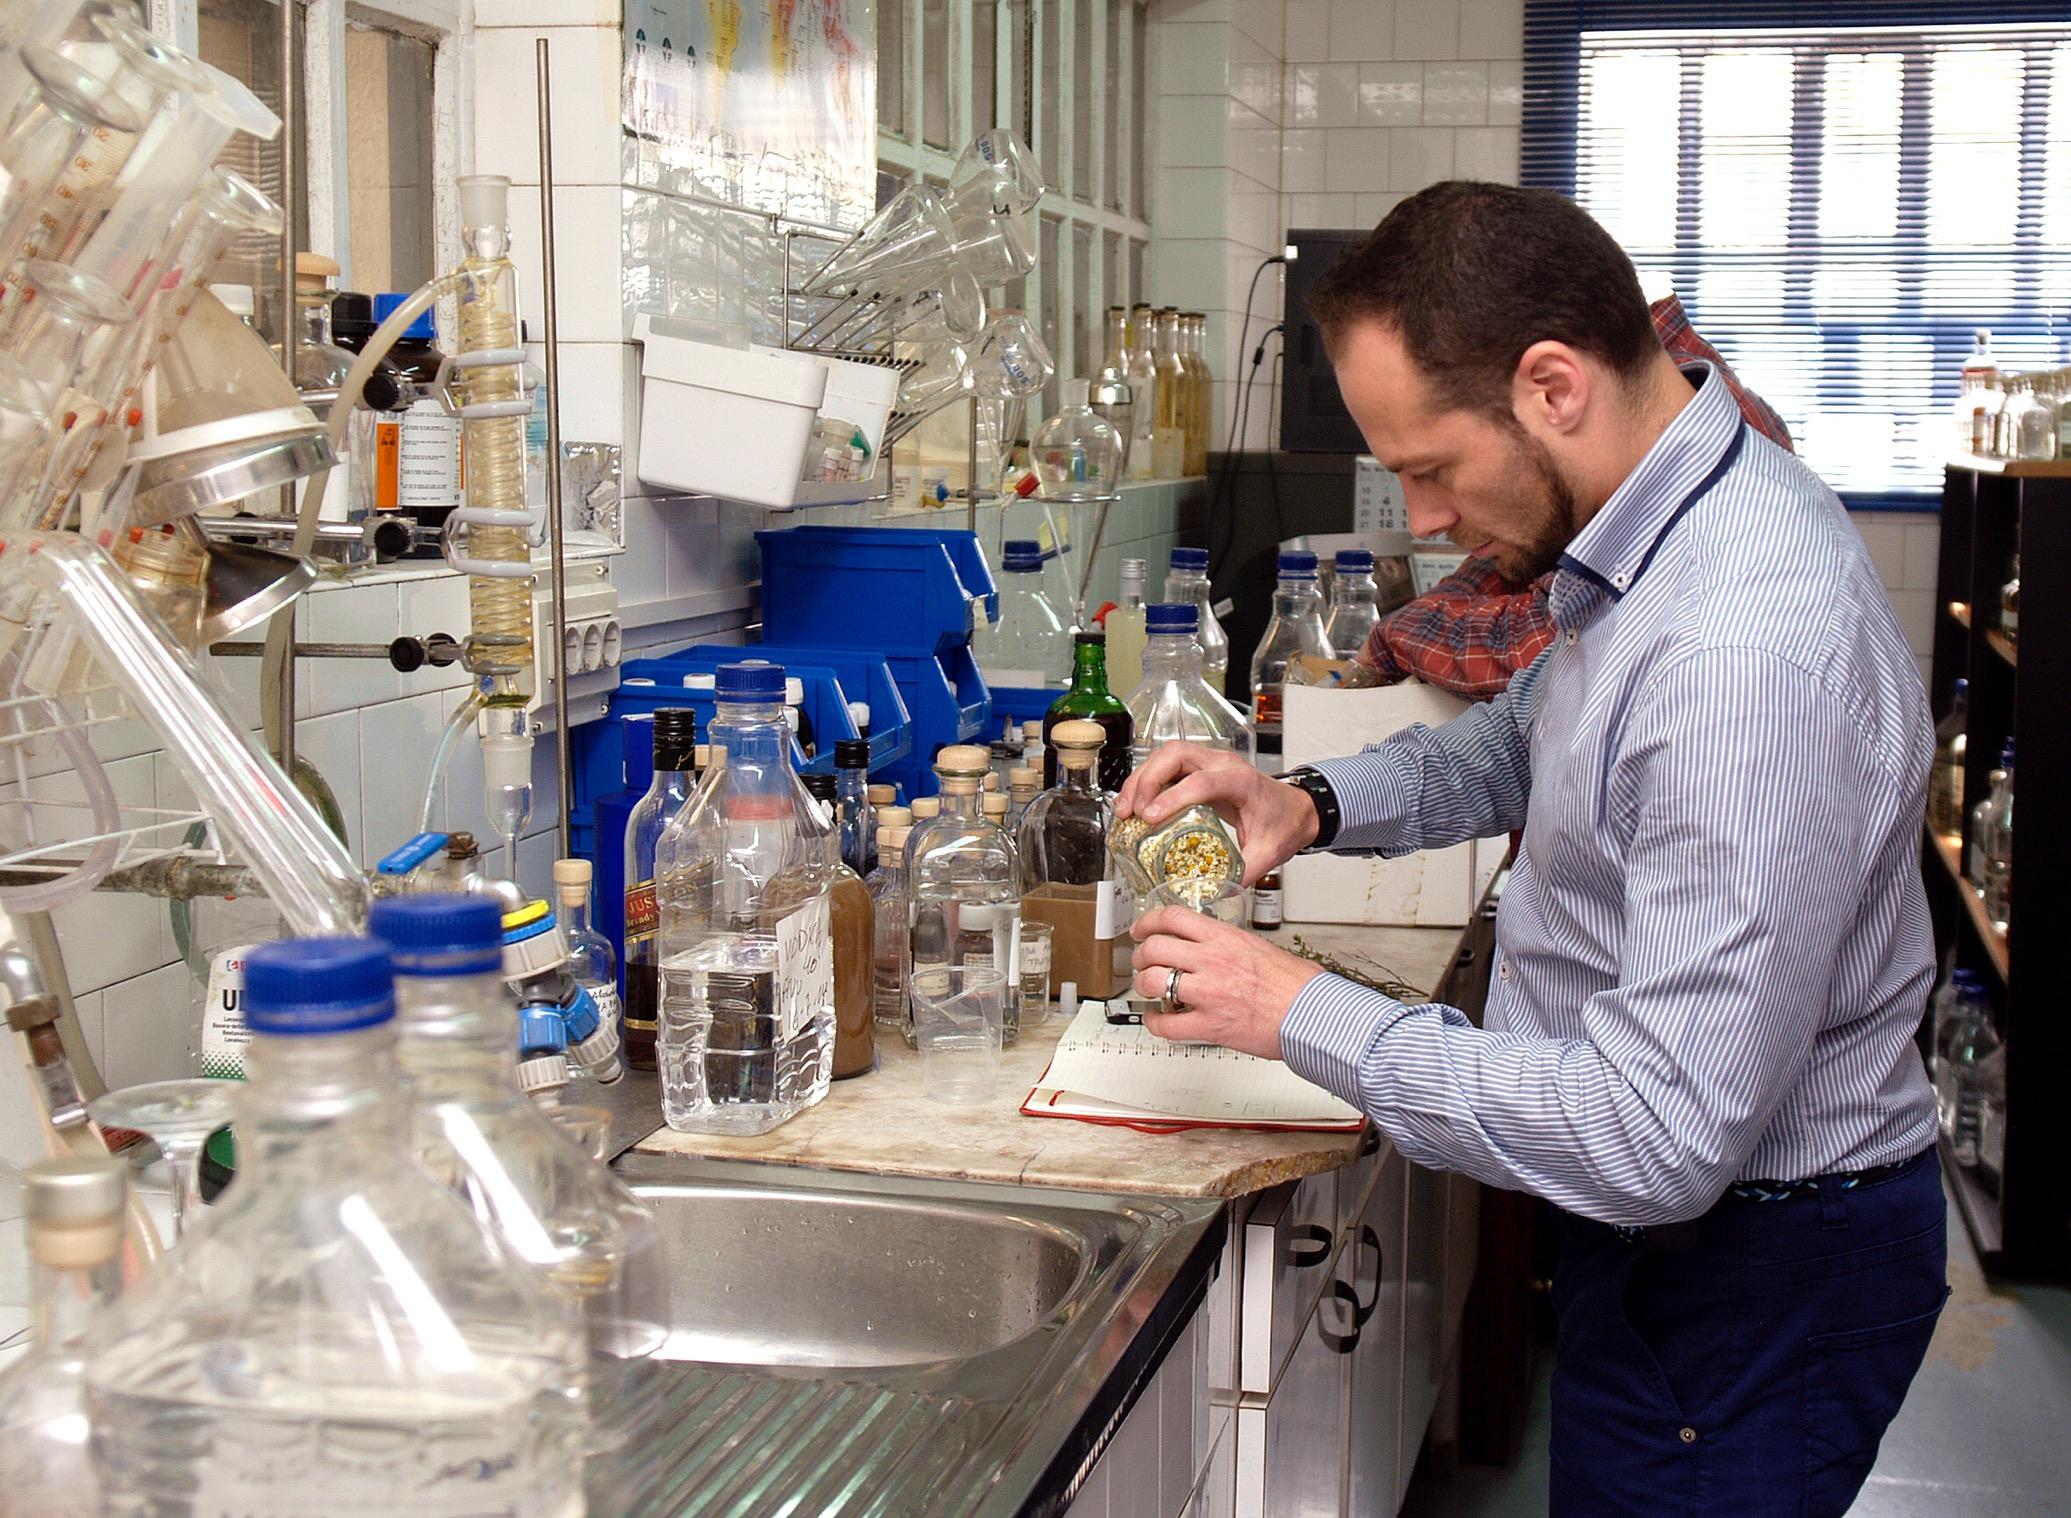 Juníperus Communis en la elaboración de Gin Senns